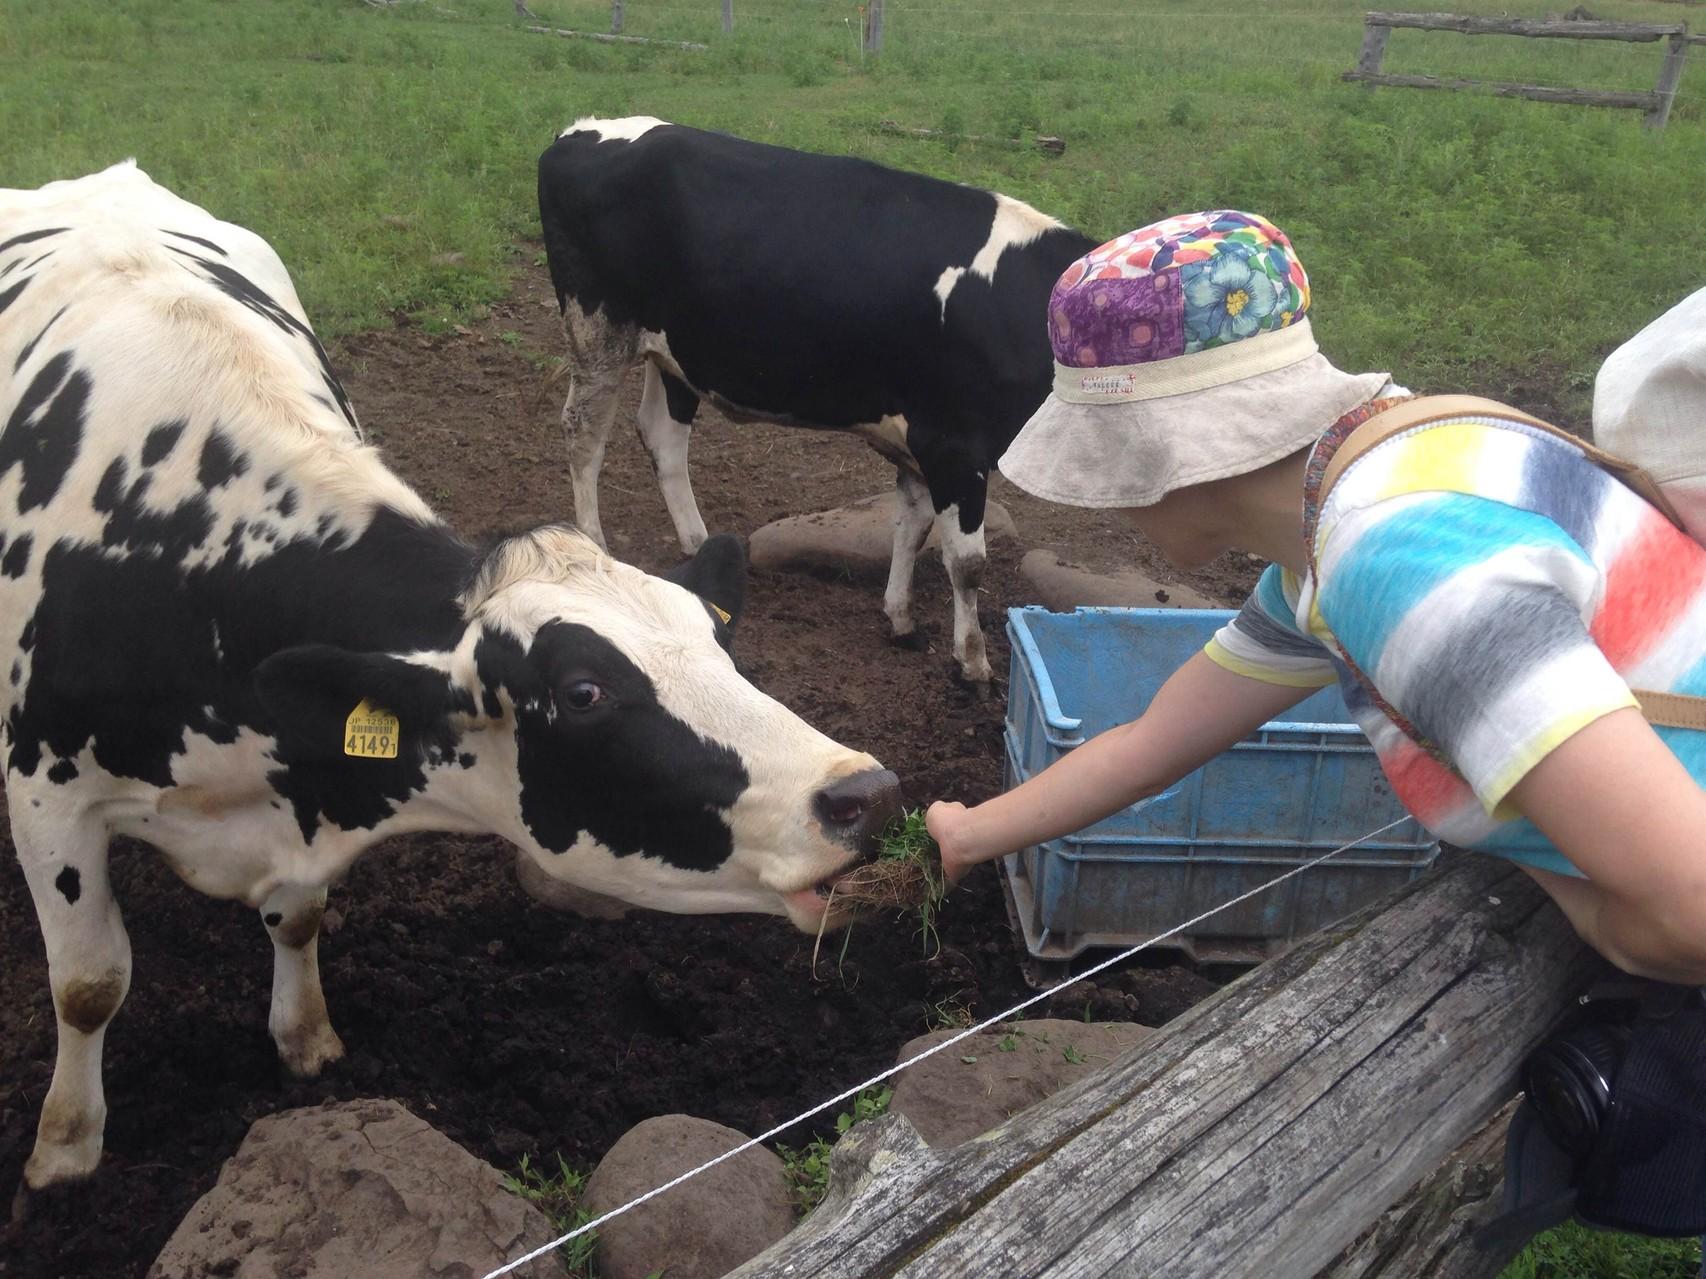 広い牧場へ出れば、動物にごはんをあげたり